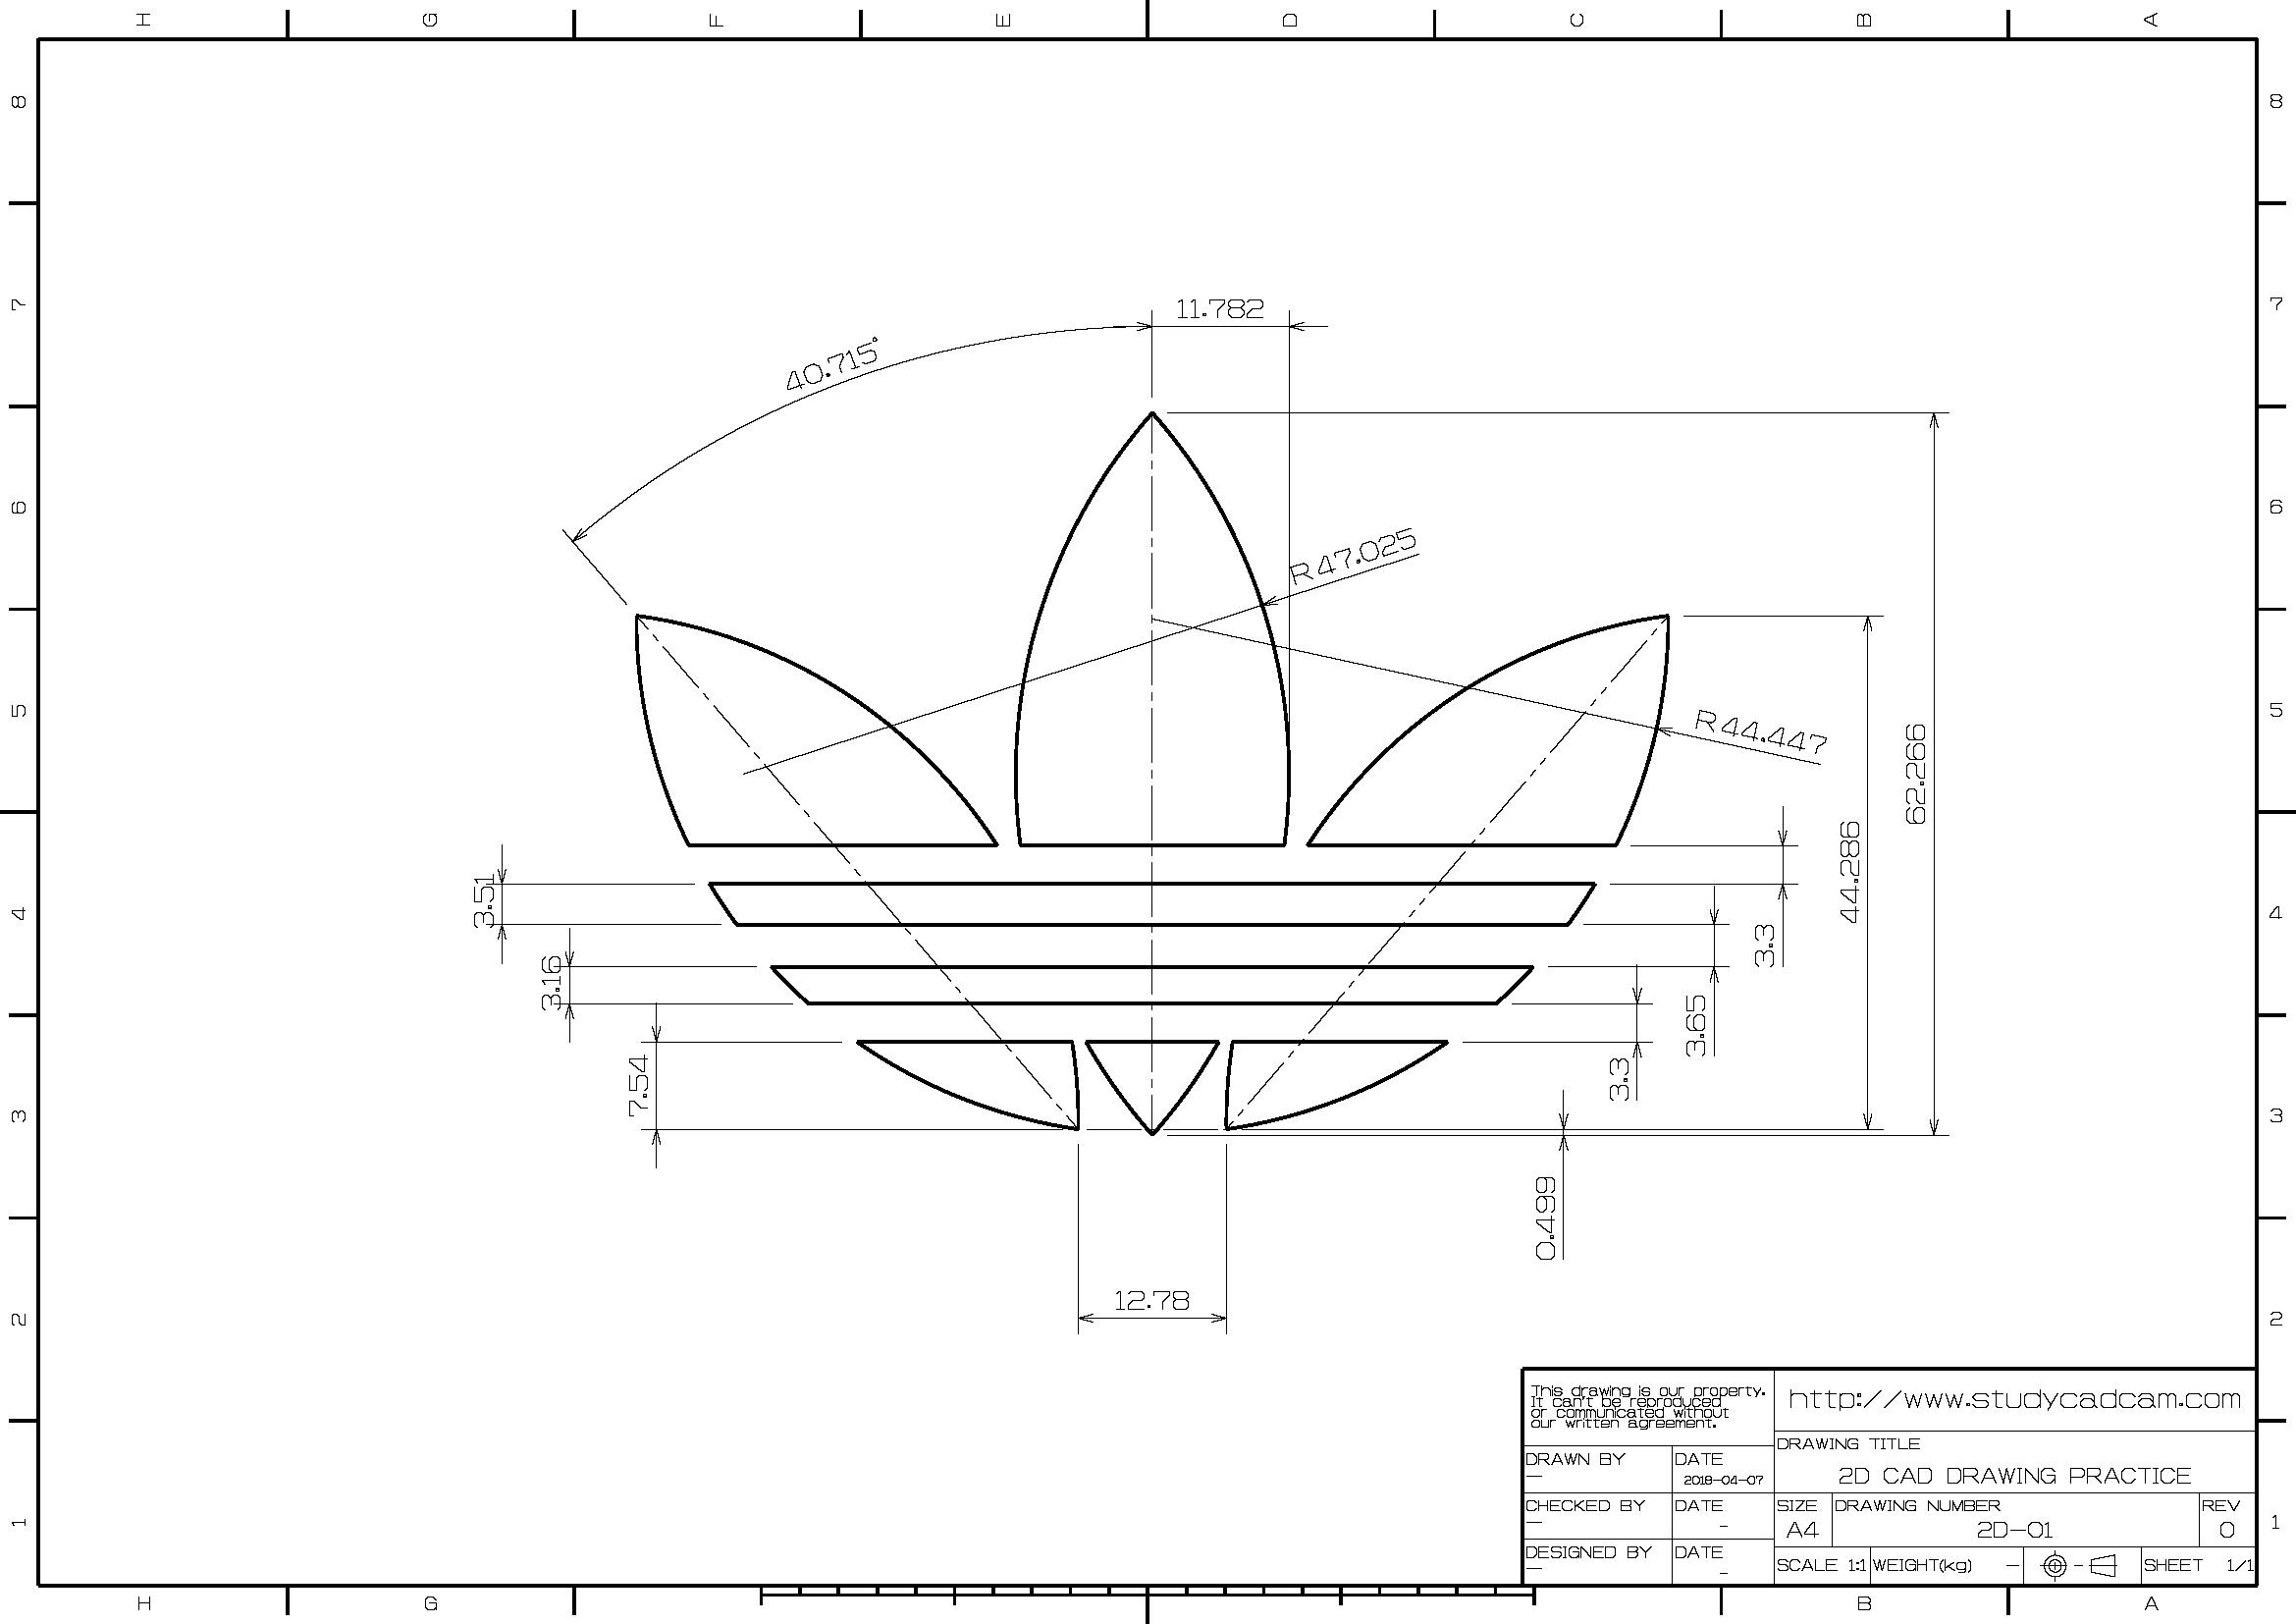 Adidas Originals Dibujos De Geometria Ejercicios De Dibujo Tecnicas De Dibujo